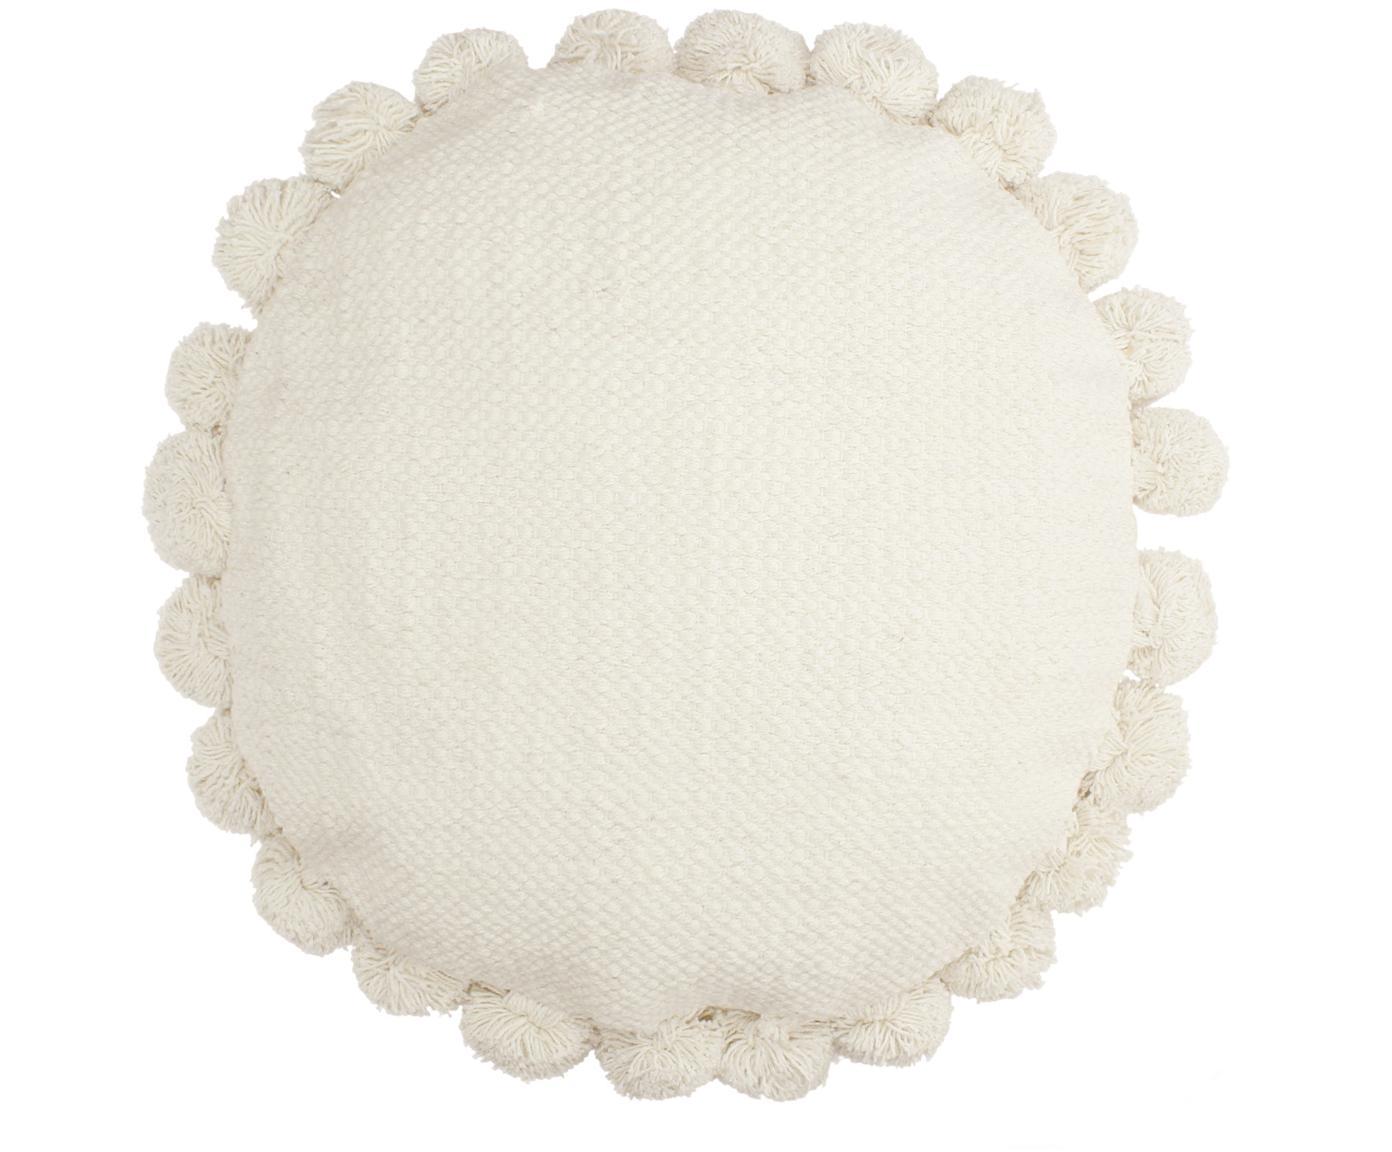 Rundes Kissen Betta mit Pompoms, mit Inlett, Elfenbeinfarben, Ø 45 cm